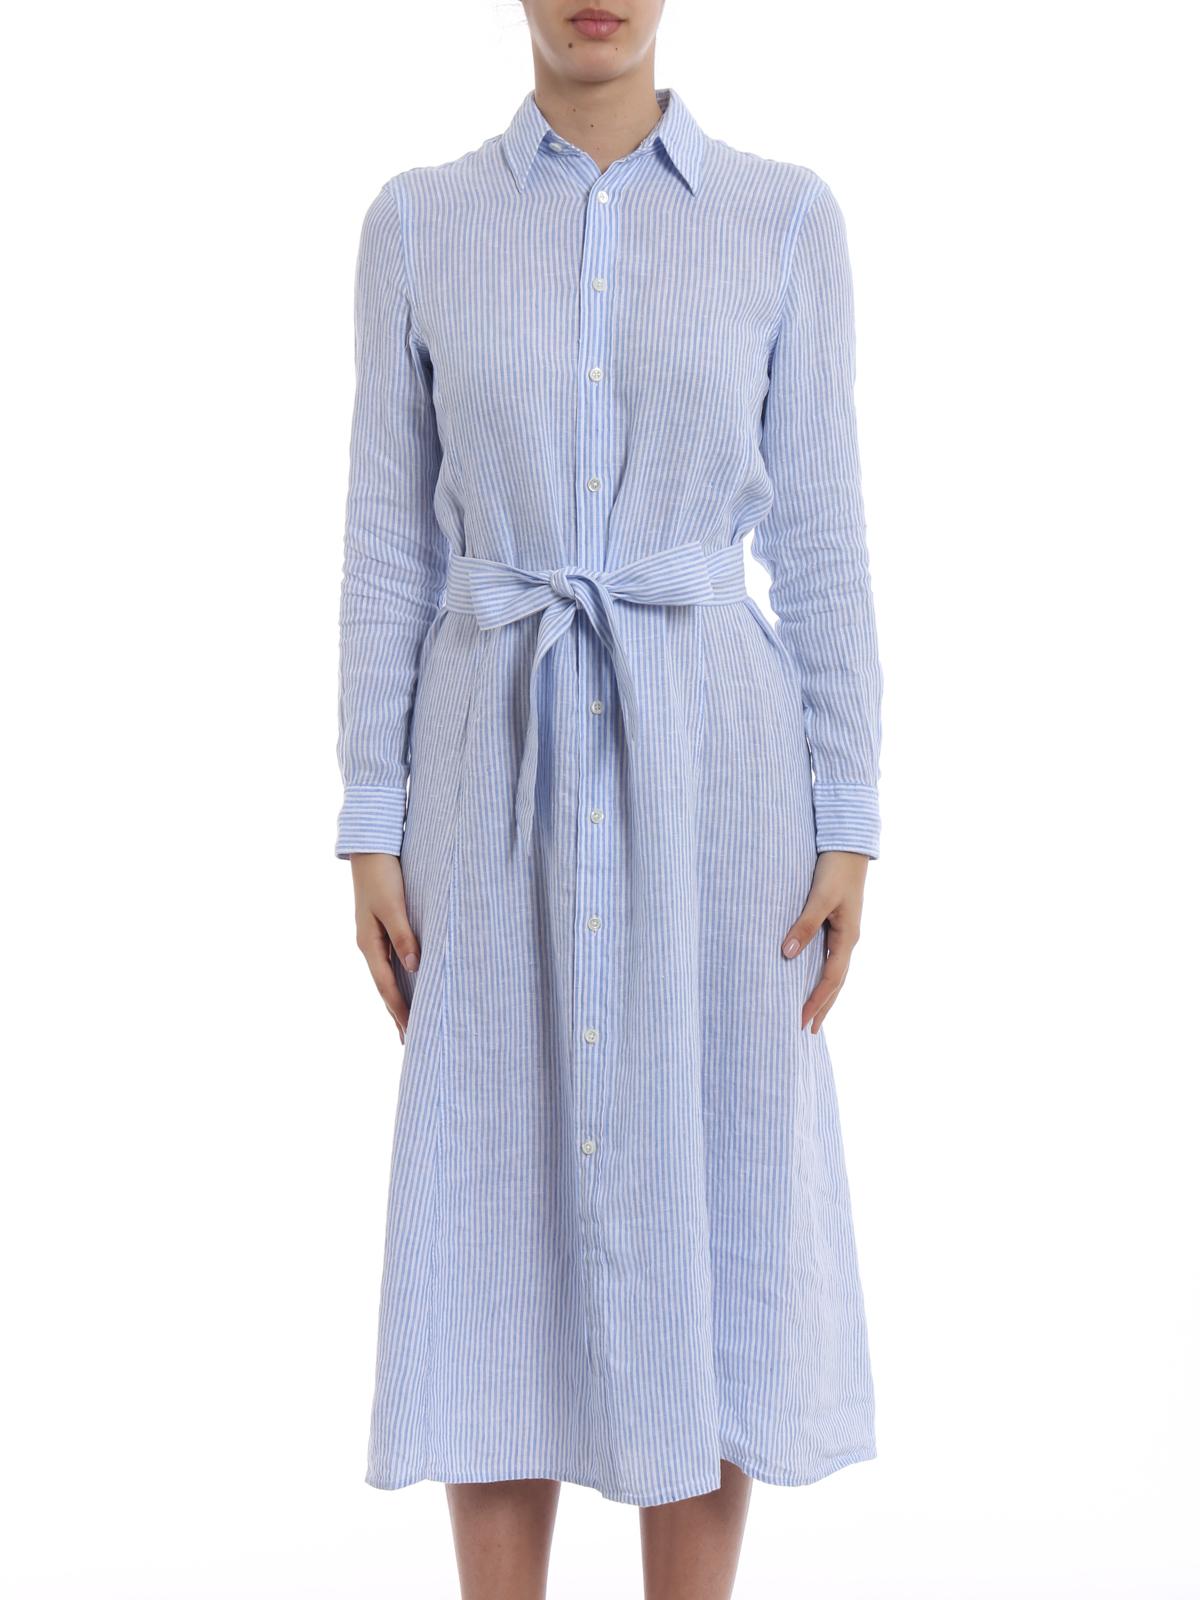 5c754454be7c2 iKRIX POLO RALPH LAUREN  maxi dresses - Striped linen belted shirt dress